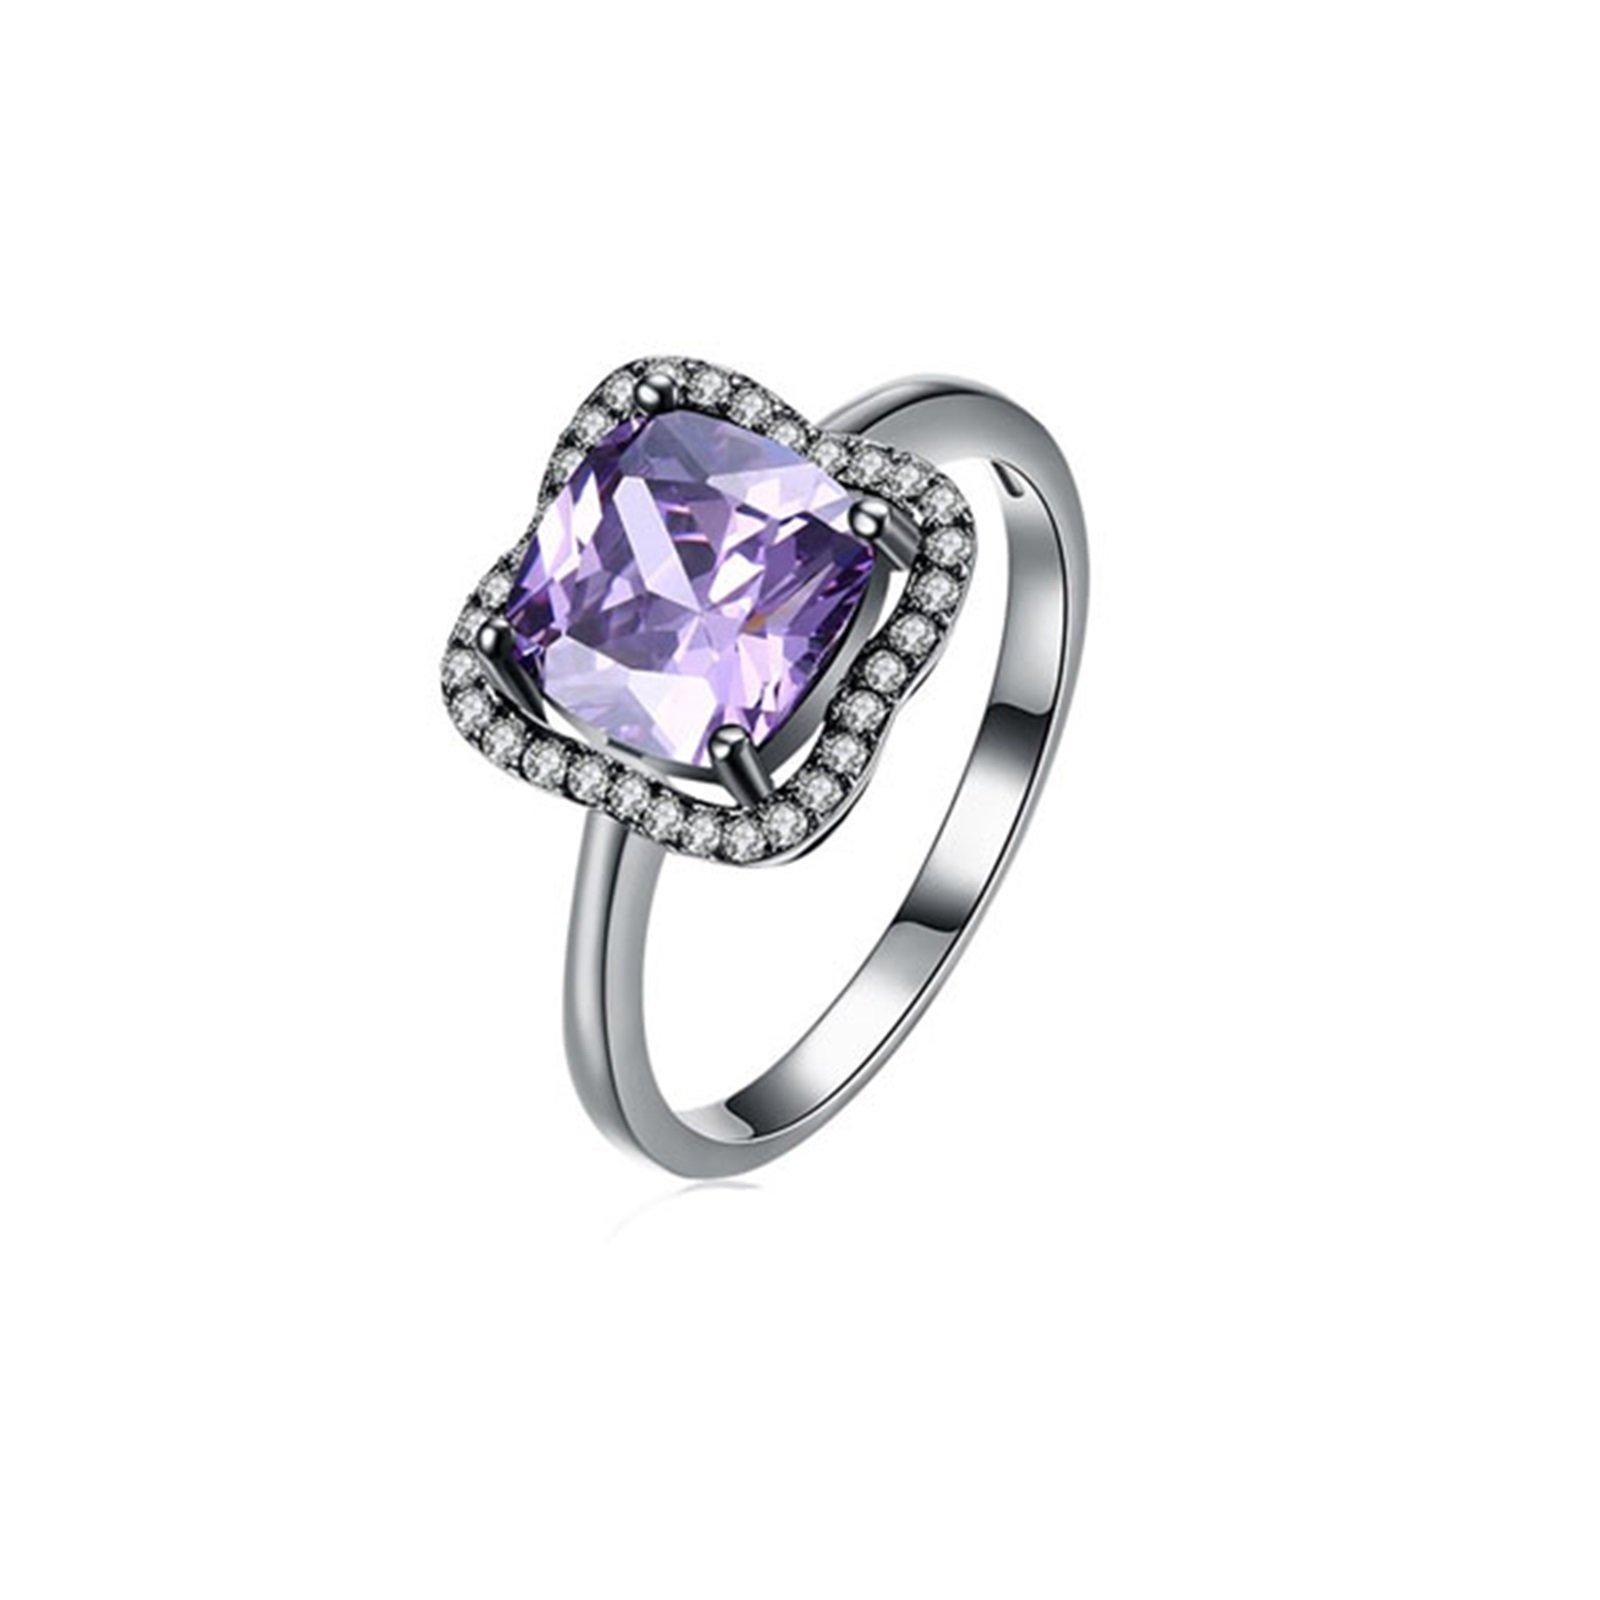 MoAndy Gunmental Plated Ring For Women Cubic Zirconia Flower Shape Purple Size 8